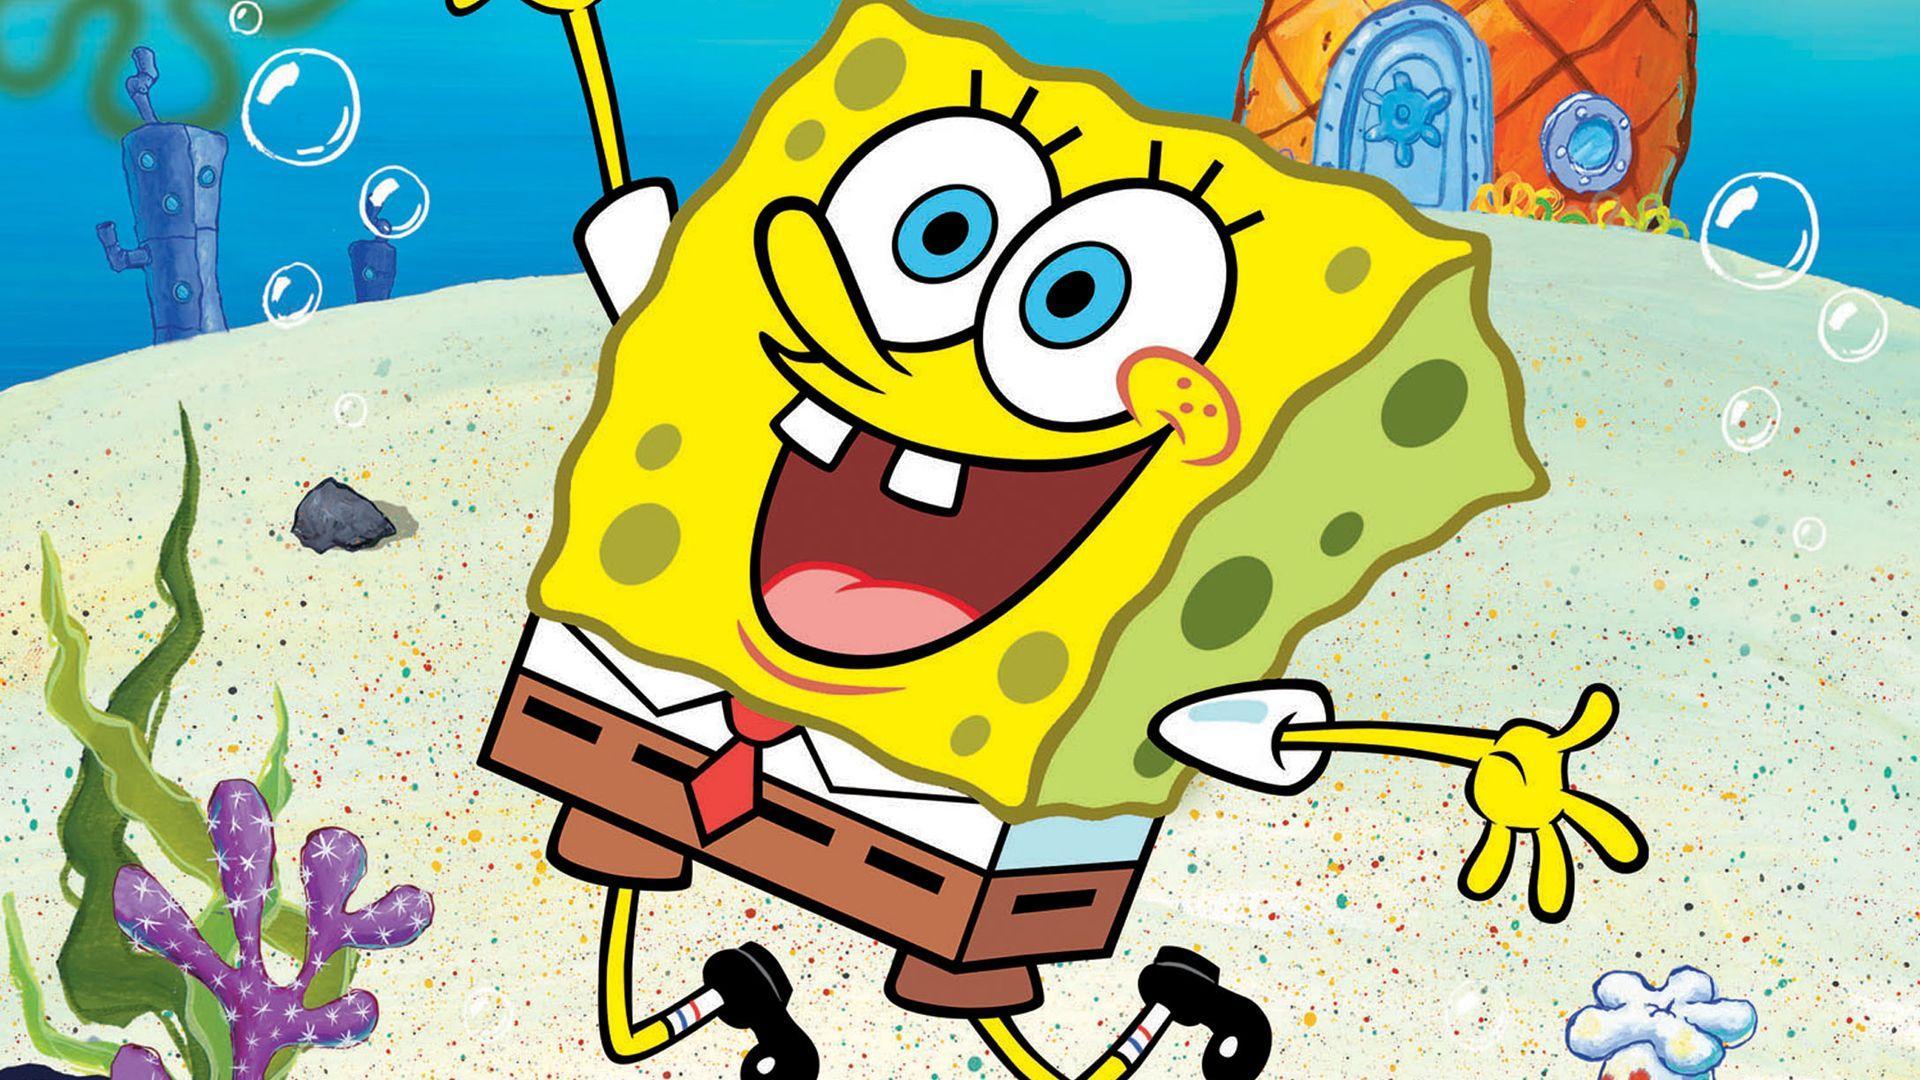 1920x1080 Spongebob Squarepants Hình nền HD 58842 1920x1080 px